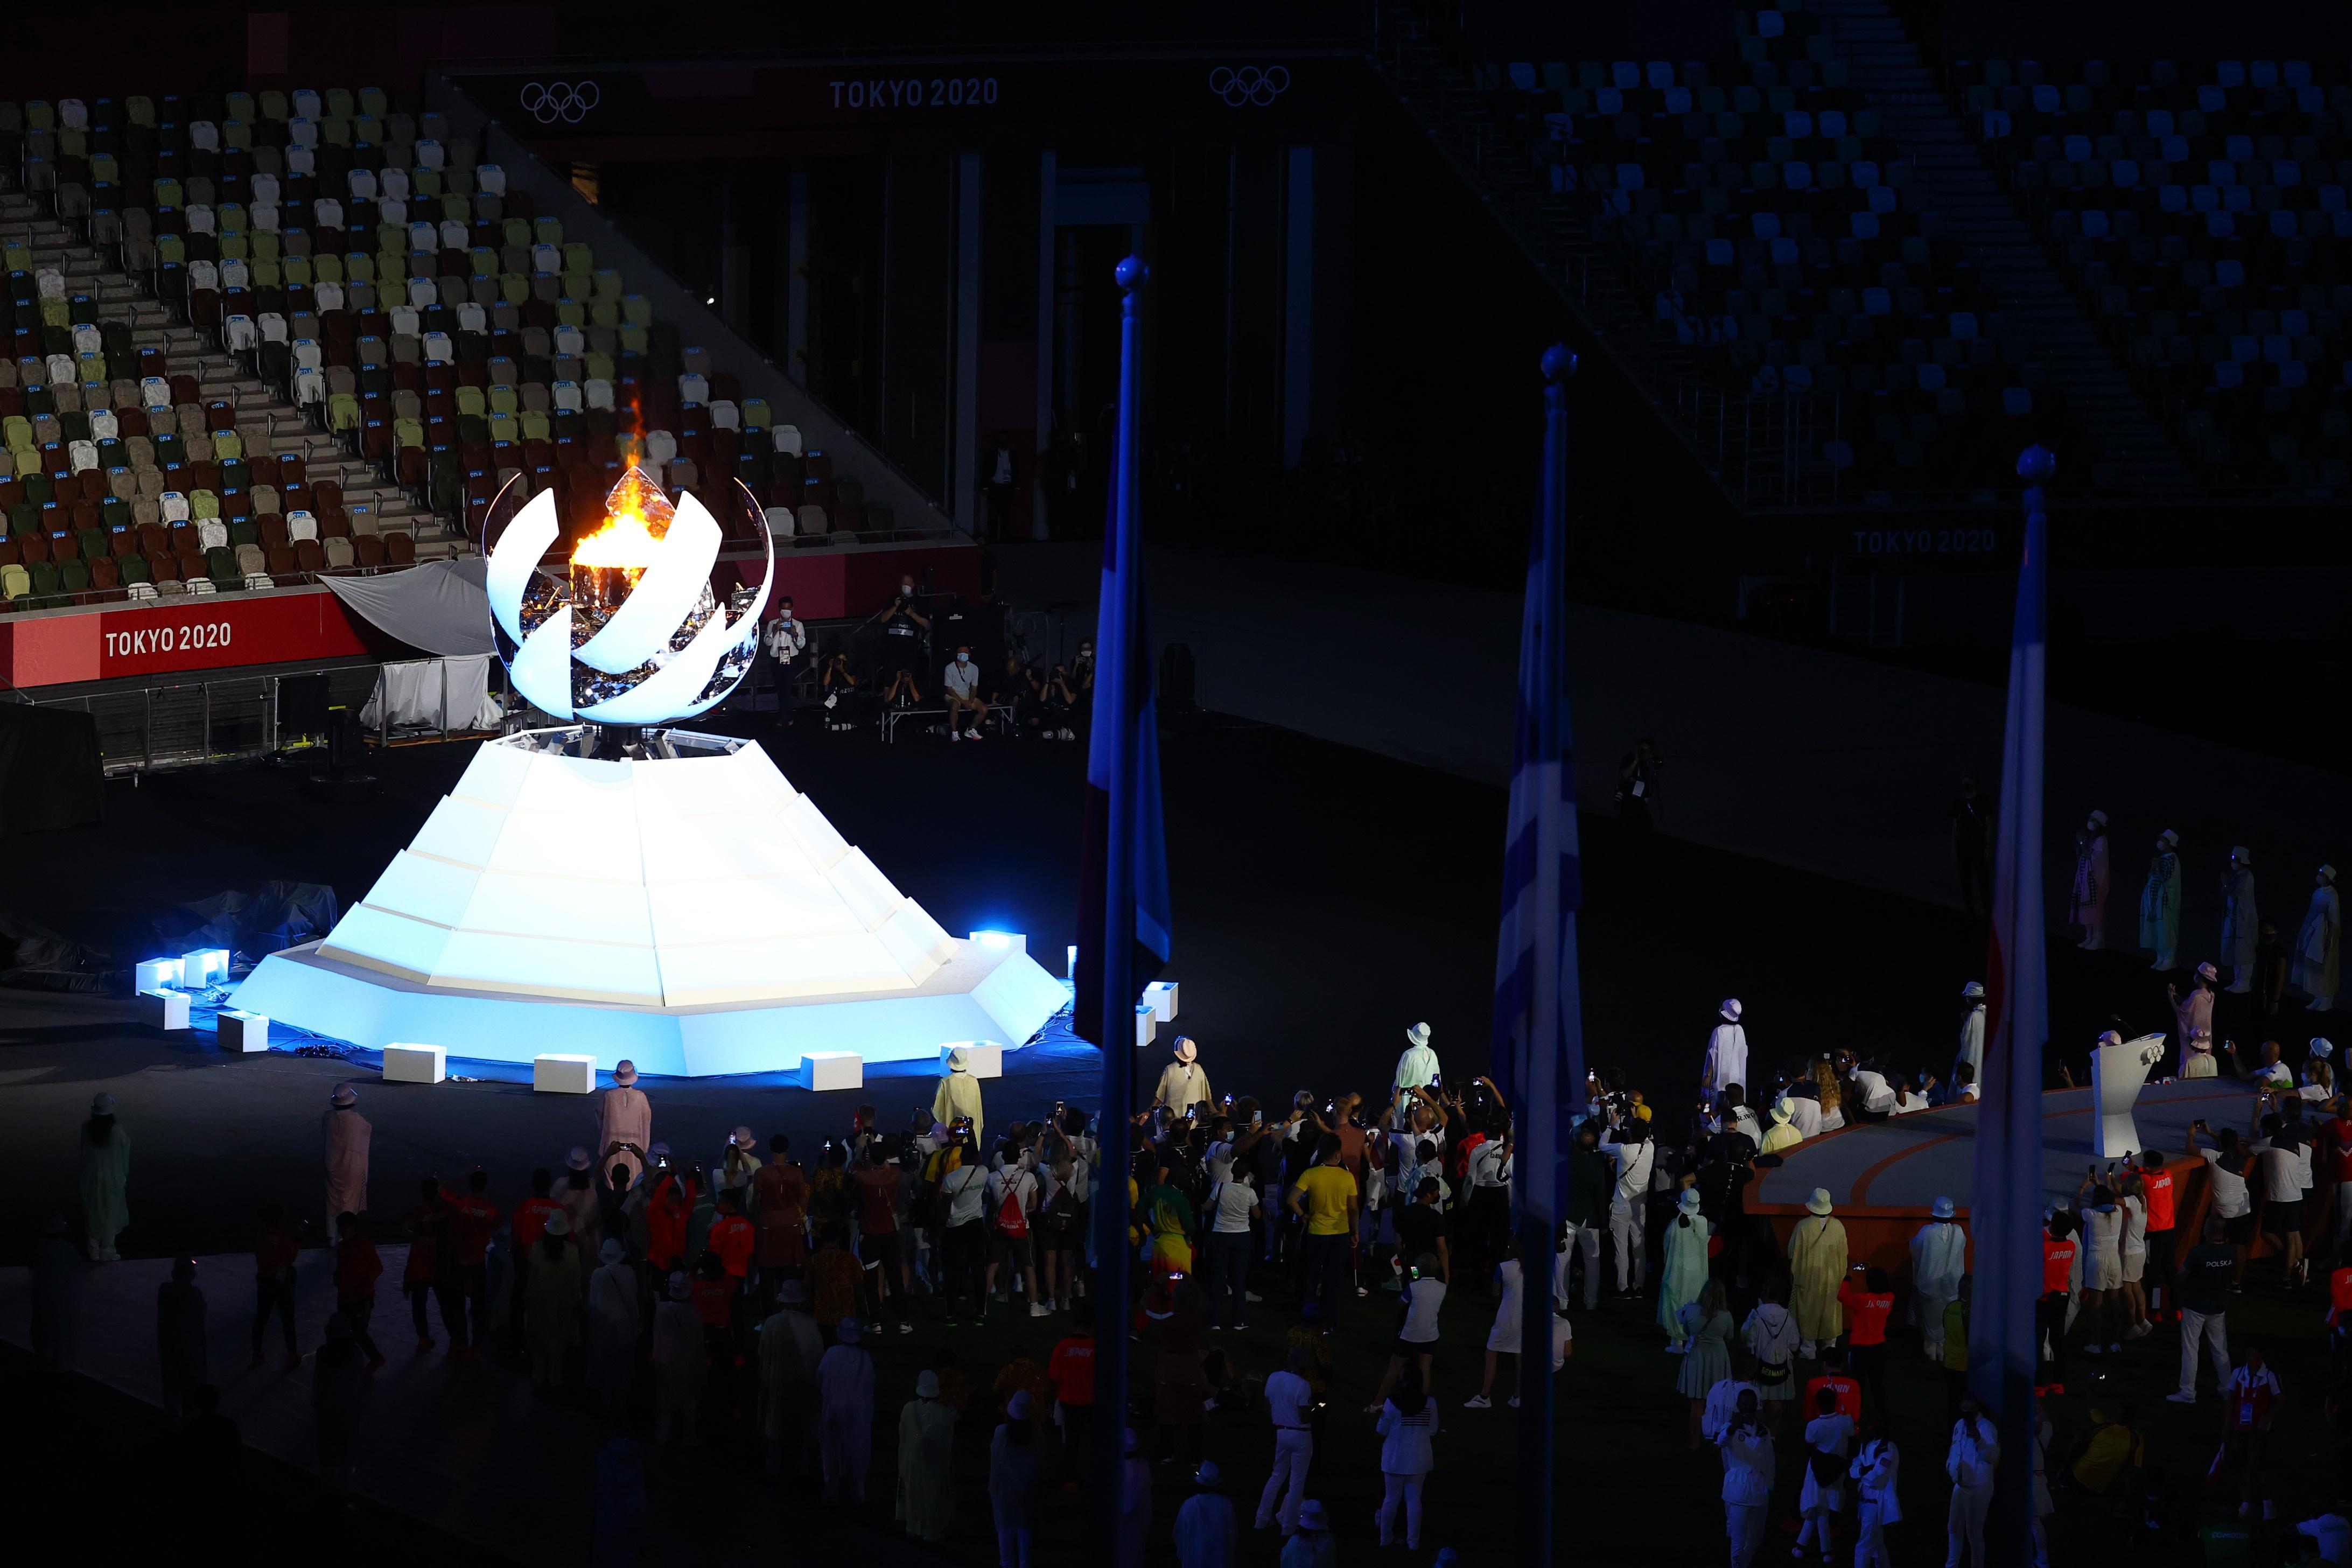 当地时间2021年8月8日,日本东京,2020东京奥运会闭幕式,随着奥运圣火熄灭,2020东京奥运会正式落幕。 图源:IC photo